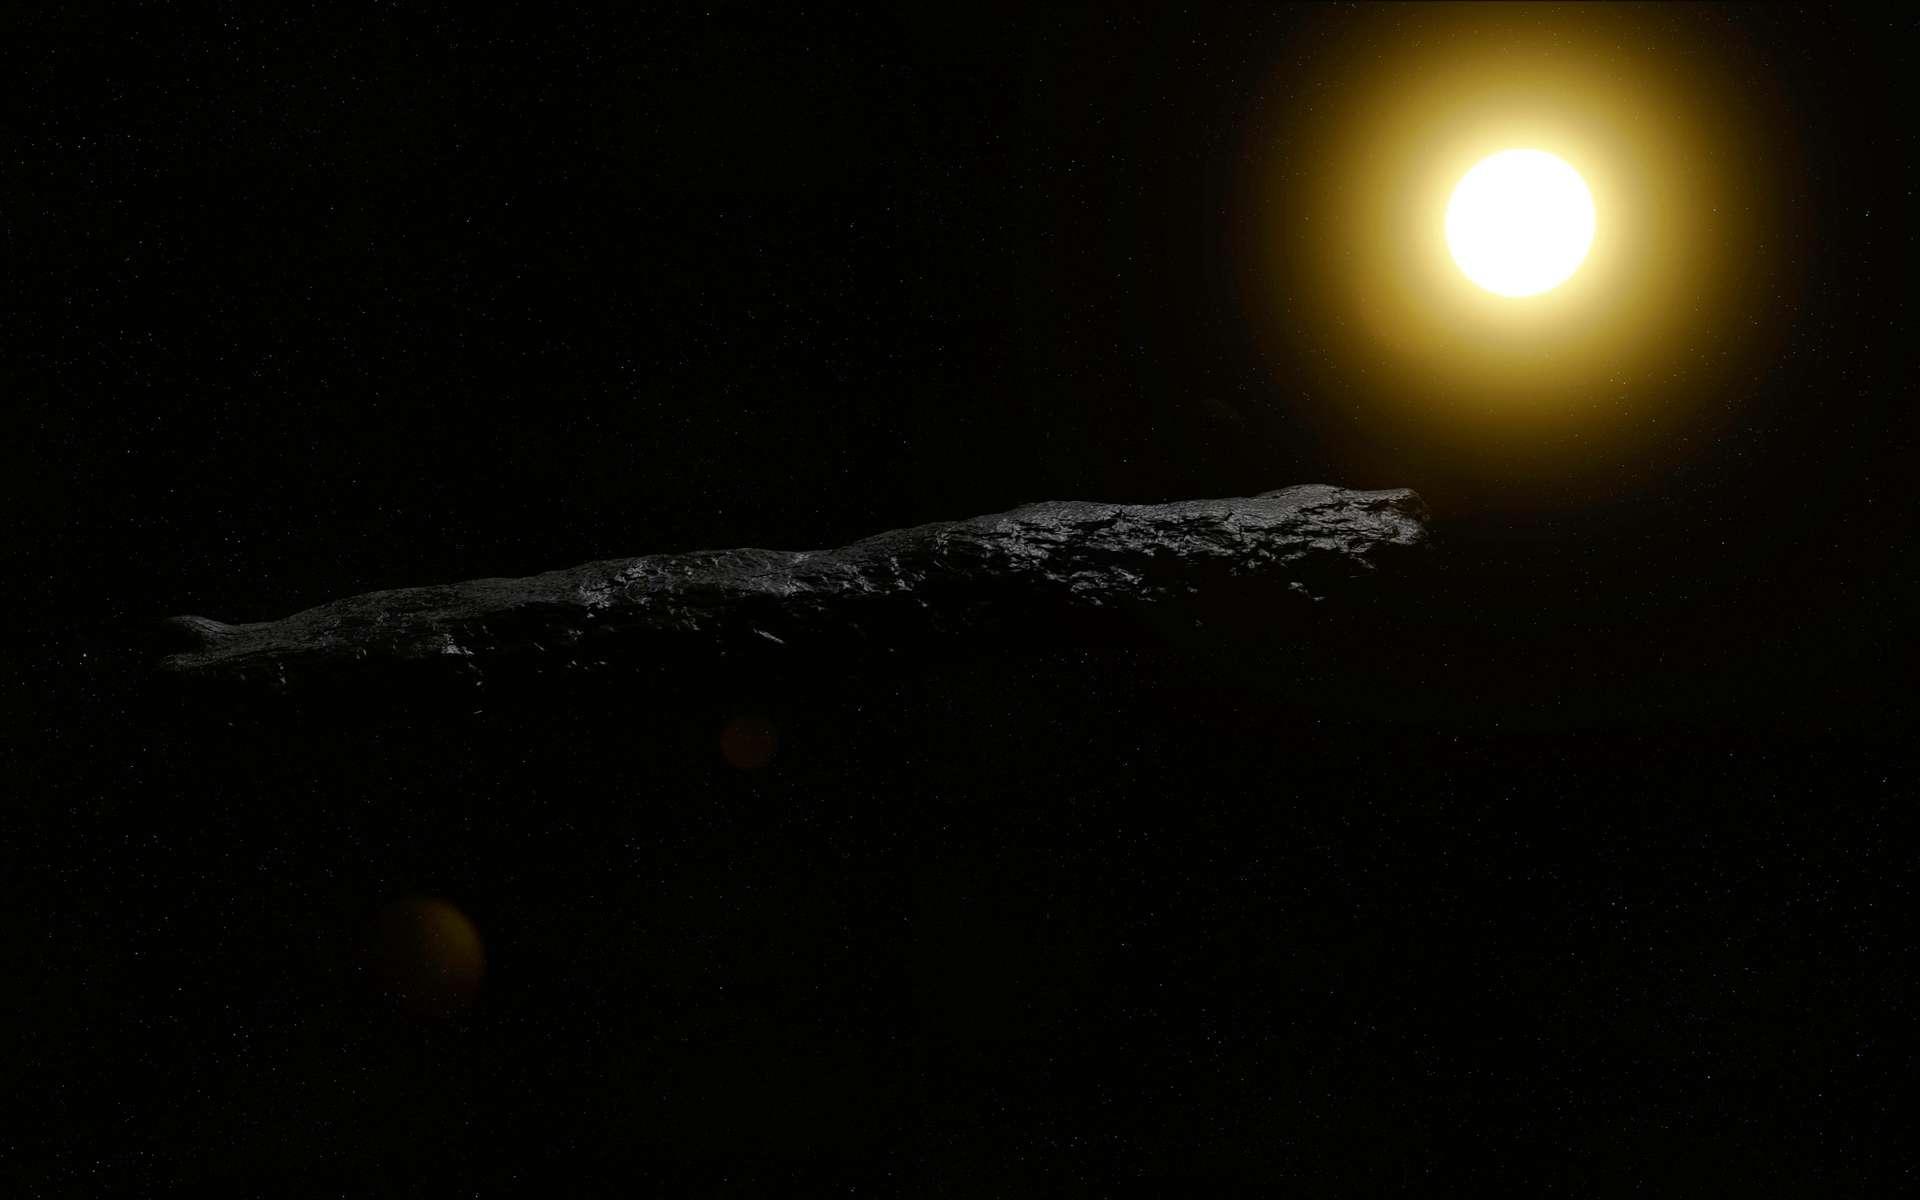 Selon Avi Loeb, astrophysicien à l'université de Harvard (États-Unis), « 'Oumuamua nous a apporté la preuve de l'existence de civilisations extraterrestres intelligentes. Illustration de l'objet 'Oumuamua. © naturalearth2, Adobe Stock